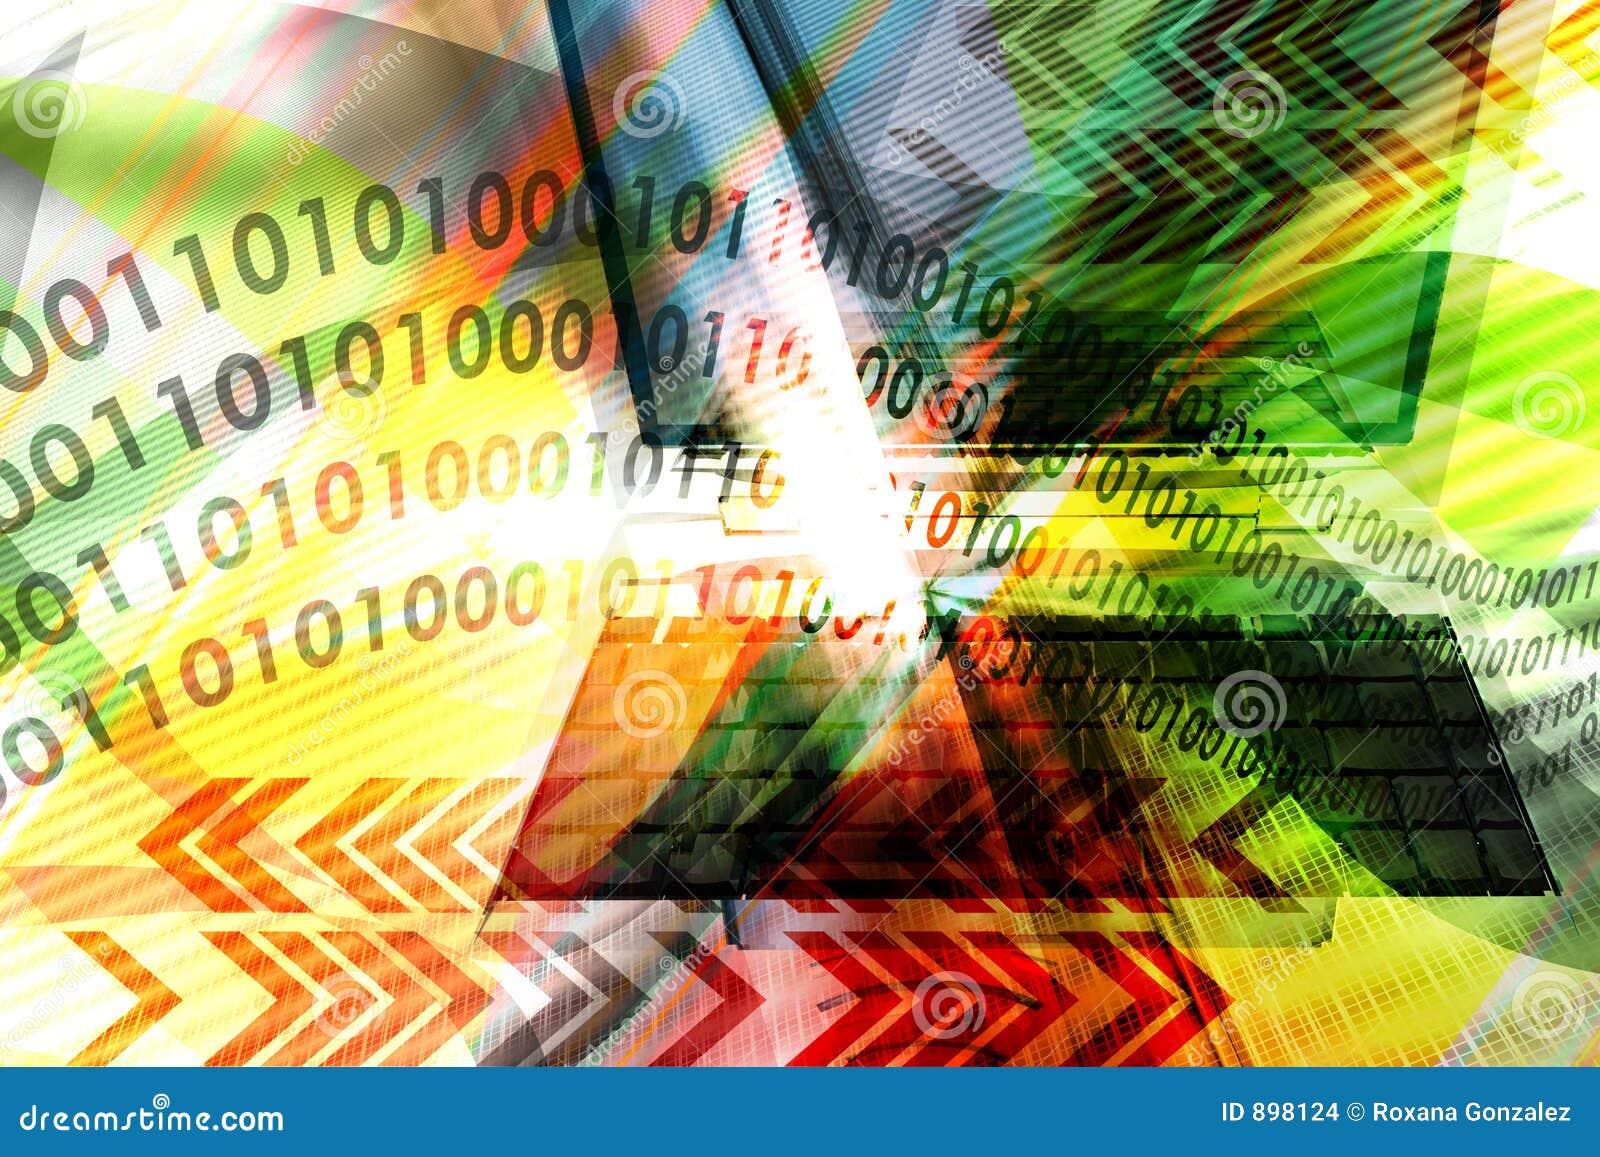 Abstrakcyjna technologii komputerowej